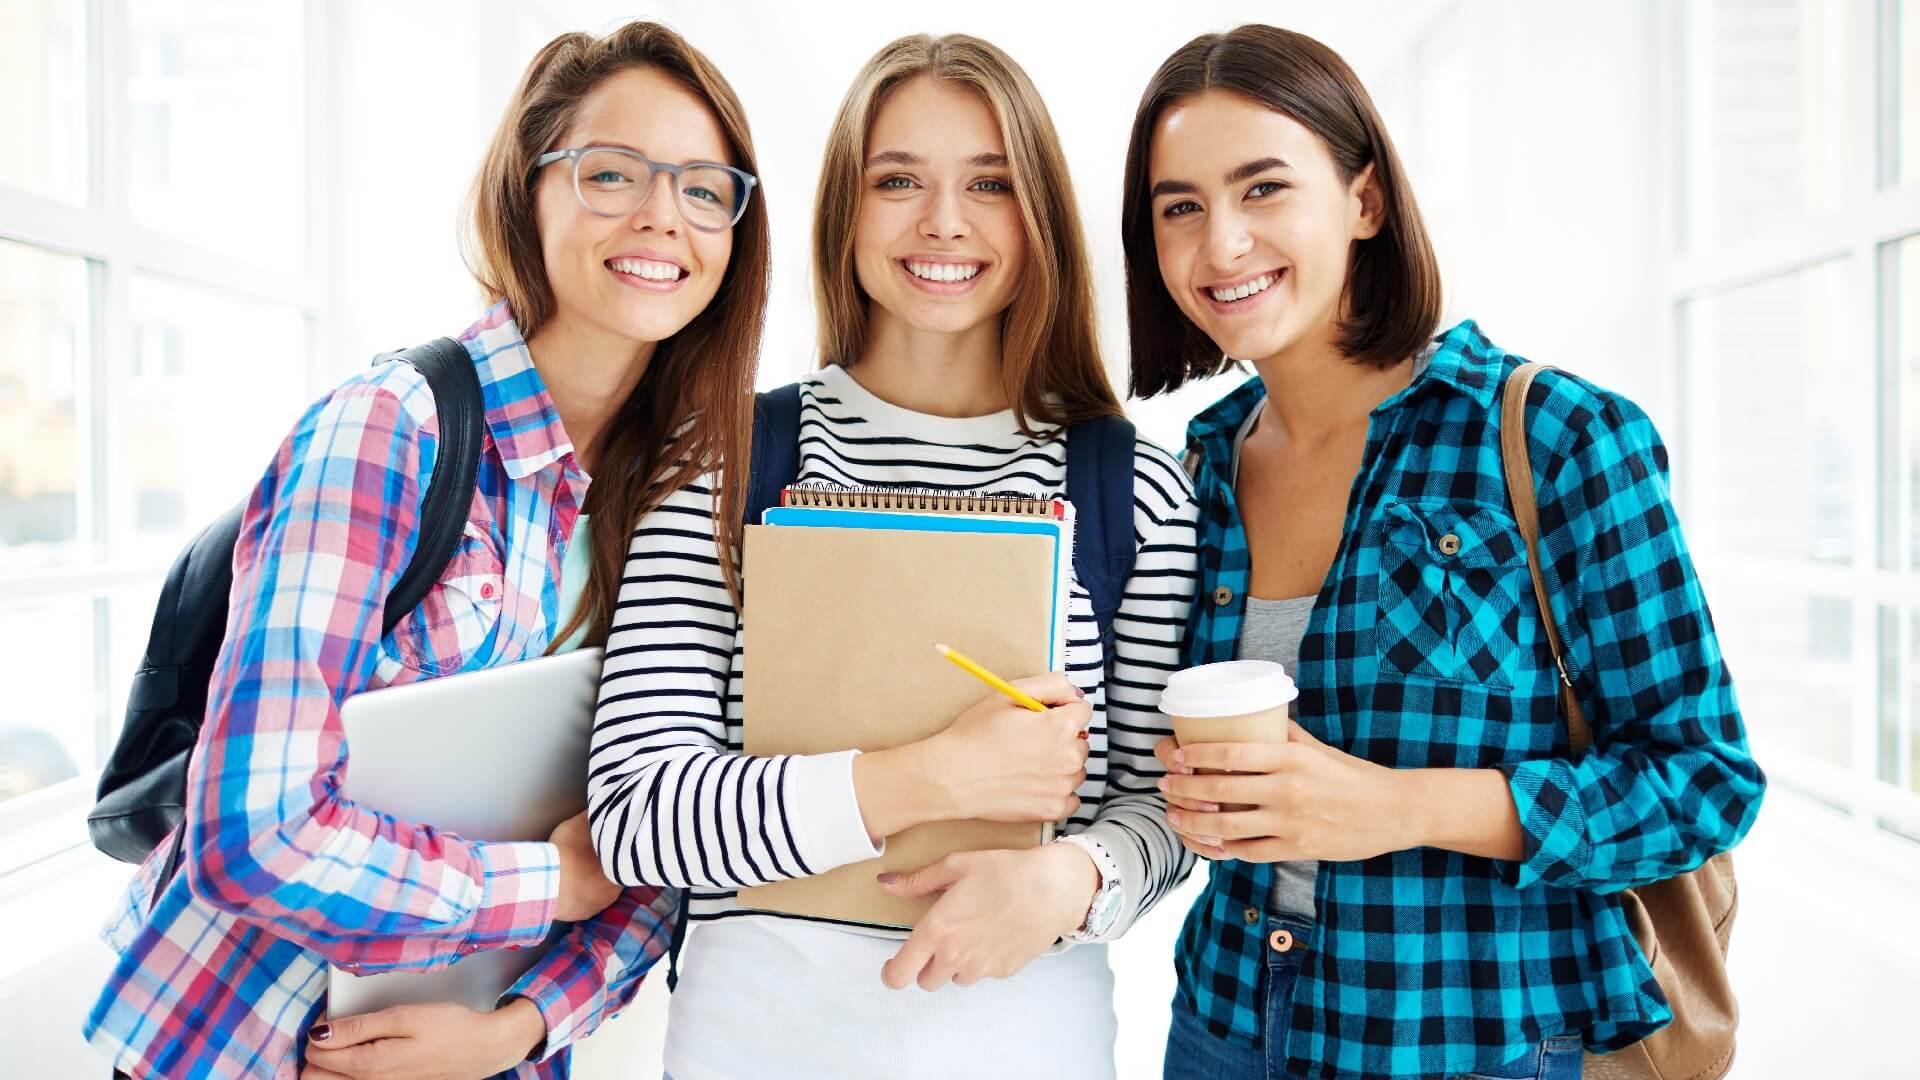 ההבדל בין לימודי תעודה לתואר אקדמי